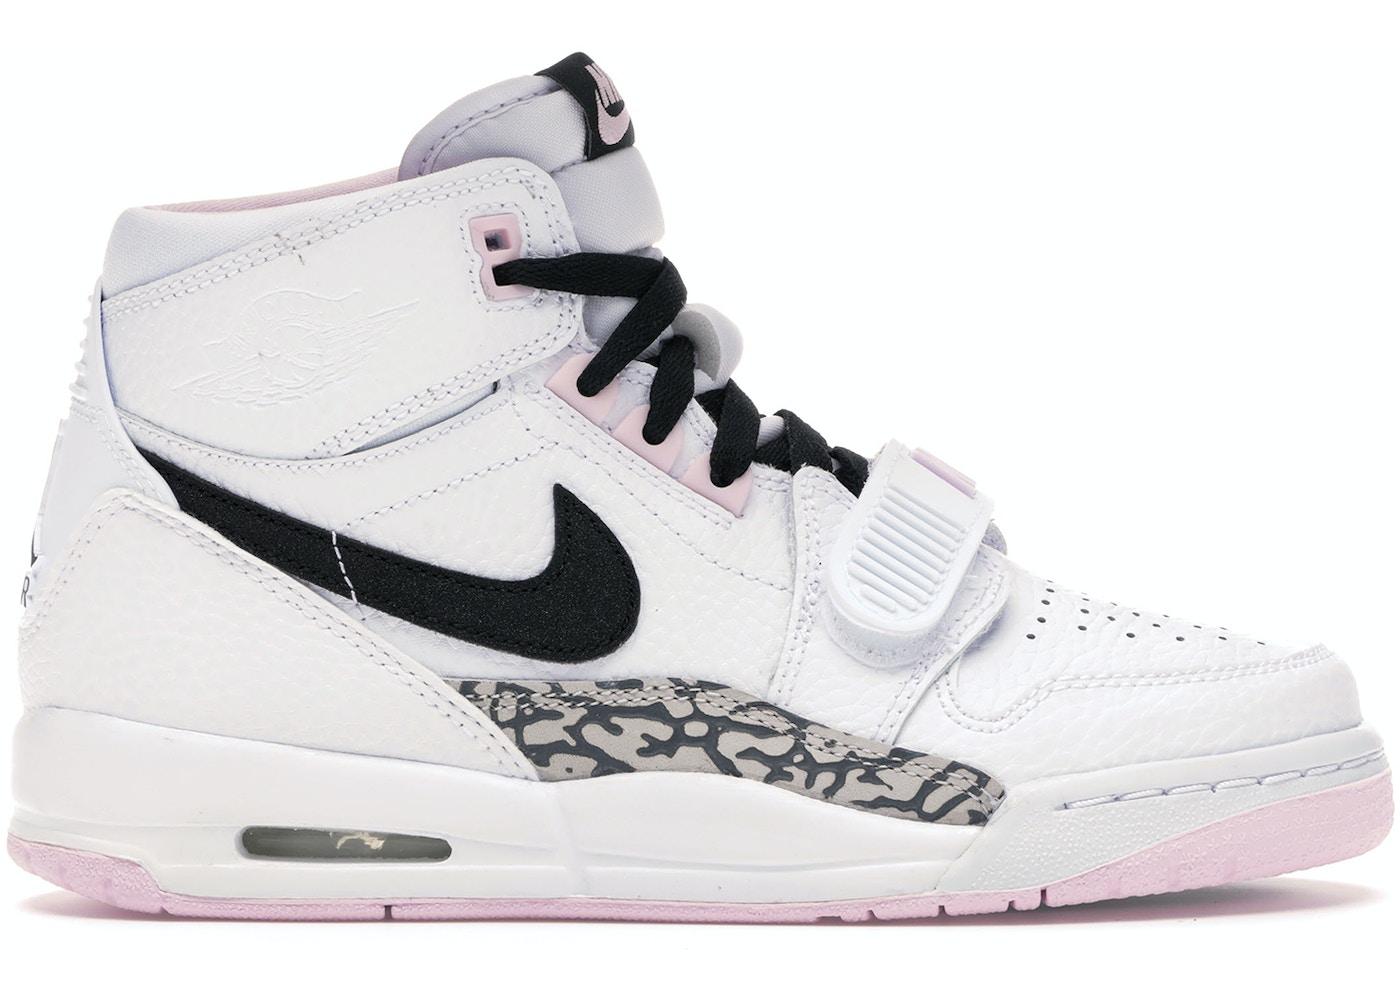 newest 52666 844fe Jordan Legacy 312 White Black Pink Foam (GS)